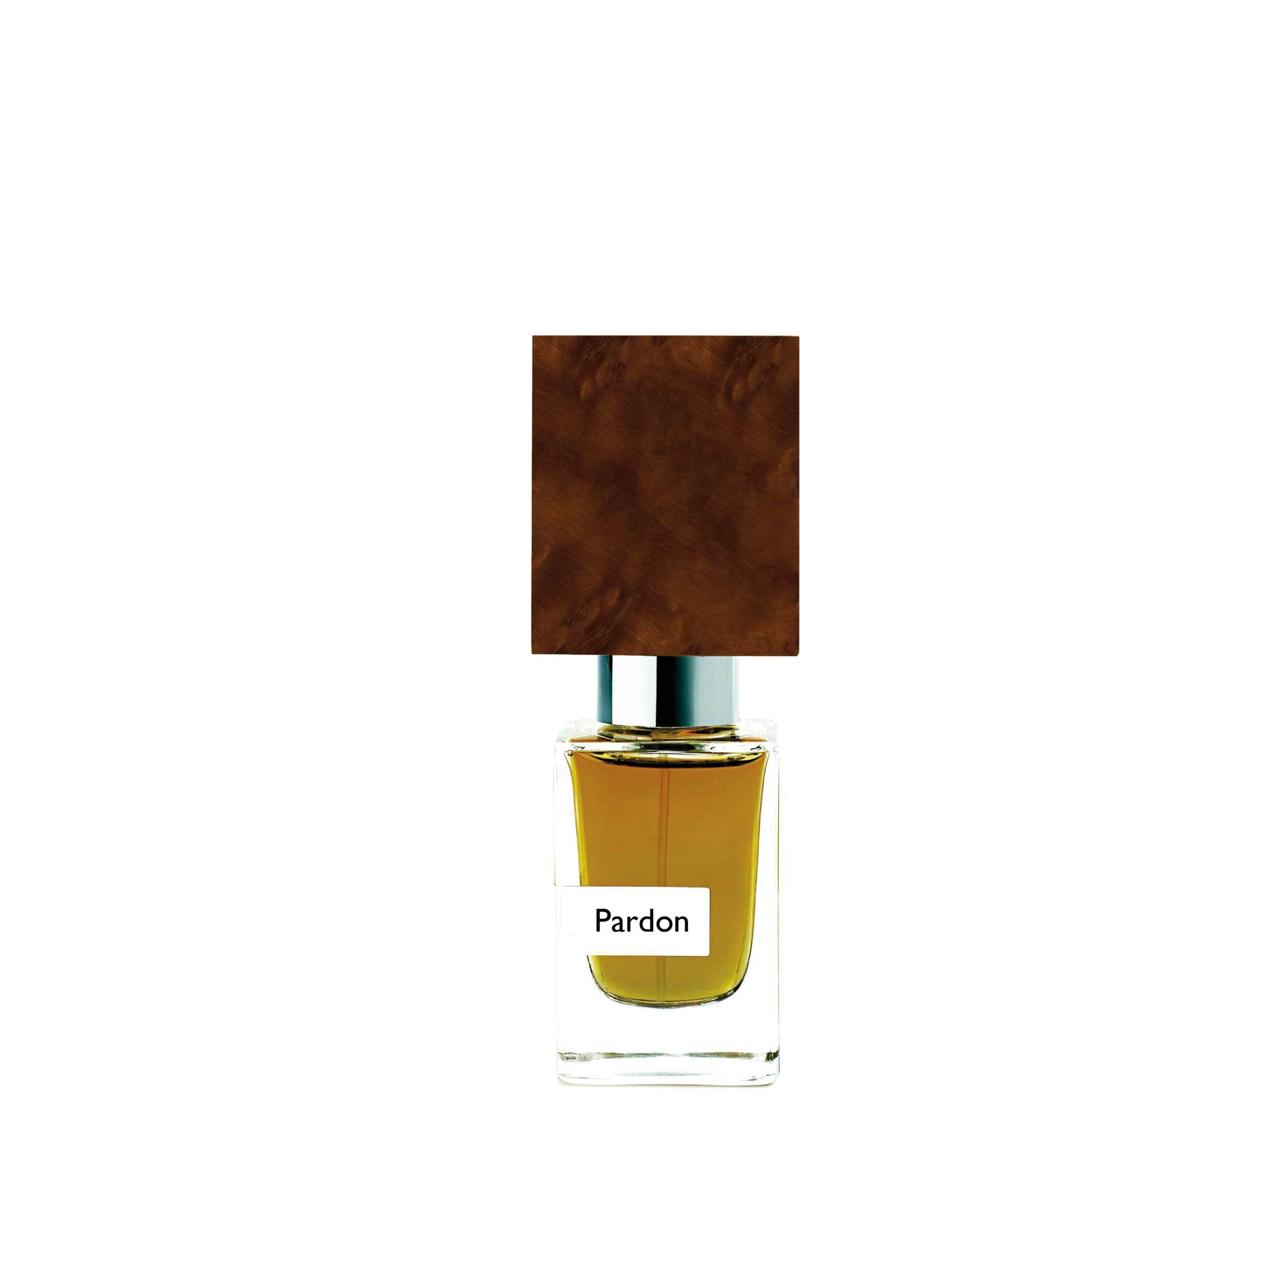 Pardon - Extrait de Parfum